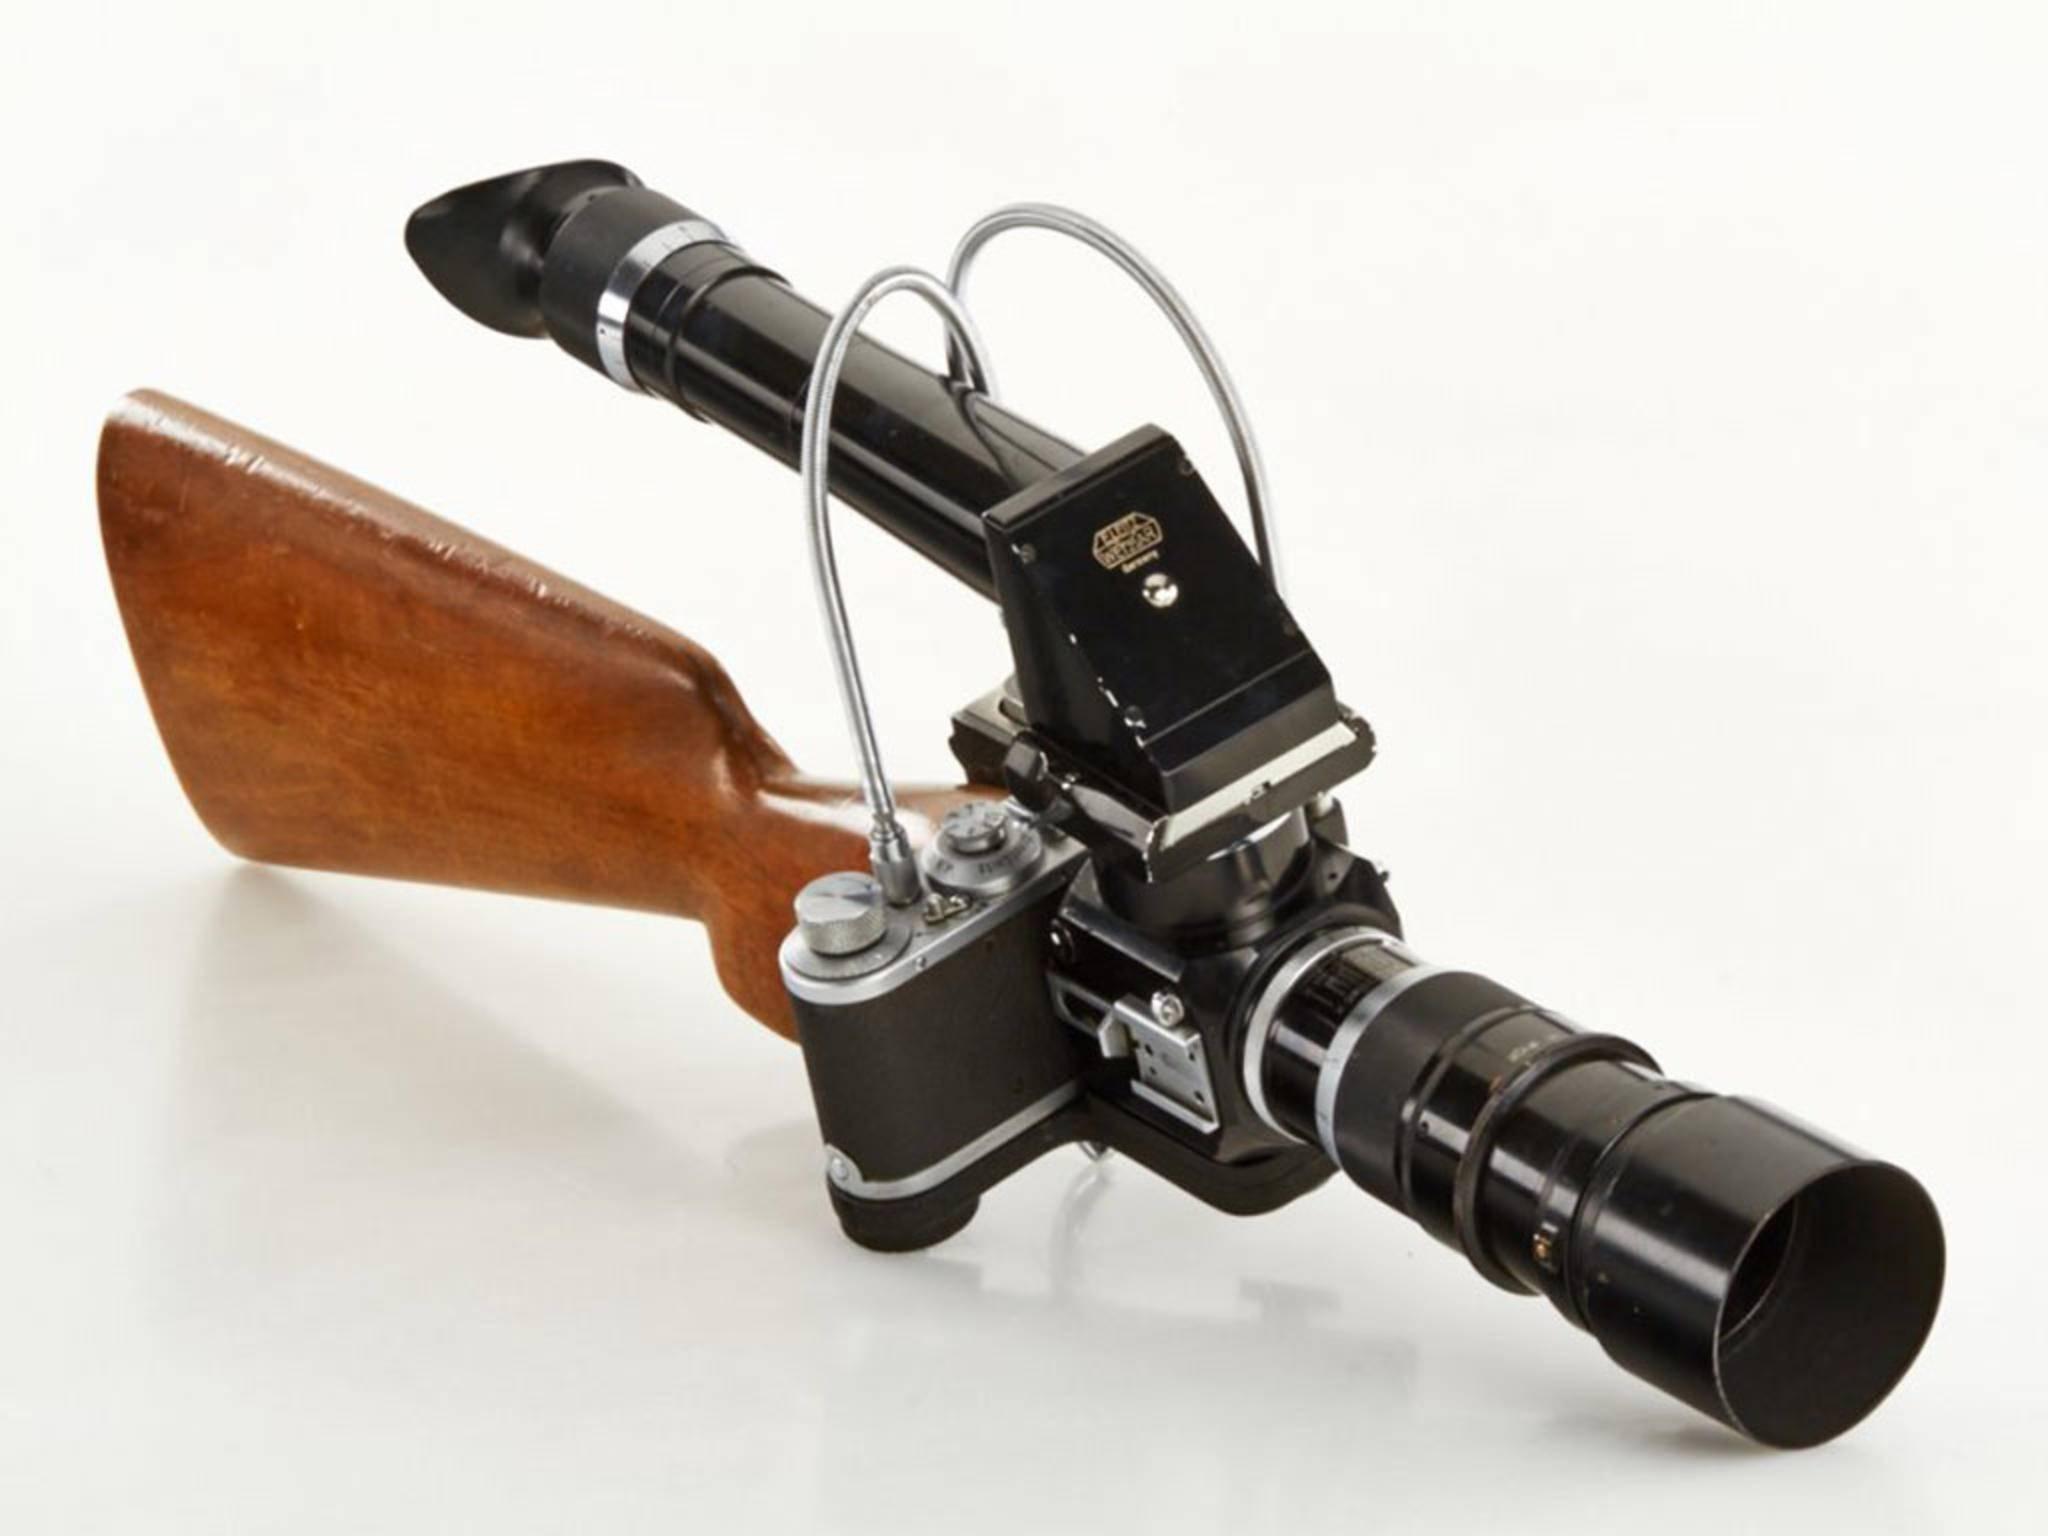 Das Leica Foto-Gewehr hat einen richtigen Gewehrschaft aus Holz.